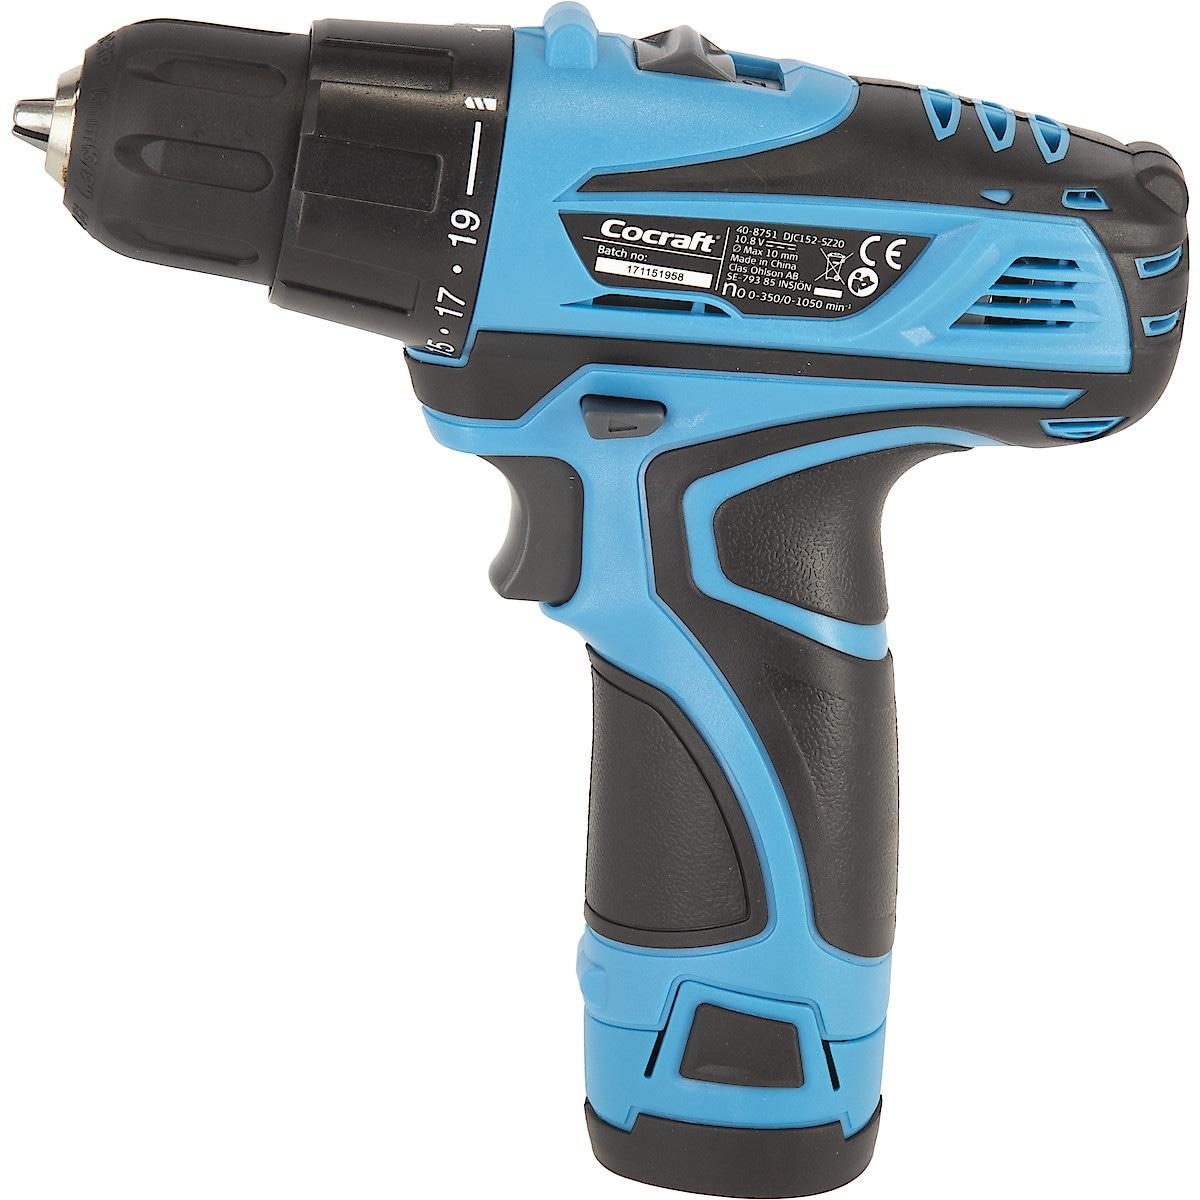 Cocraft HD 10.8-LI Drill Driver